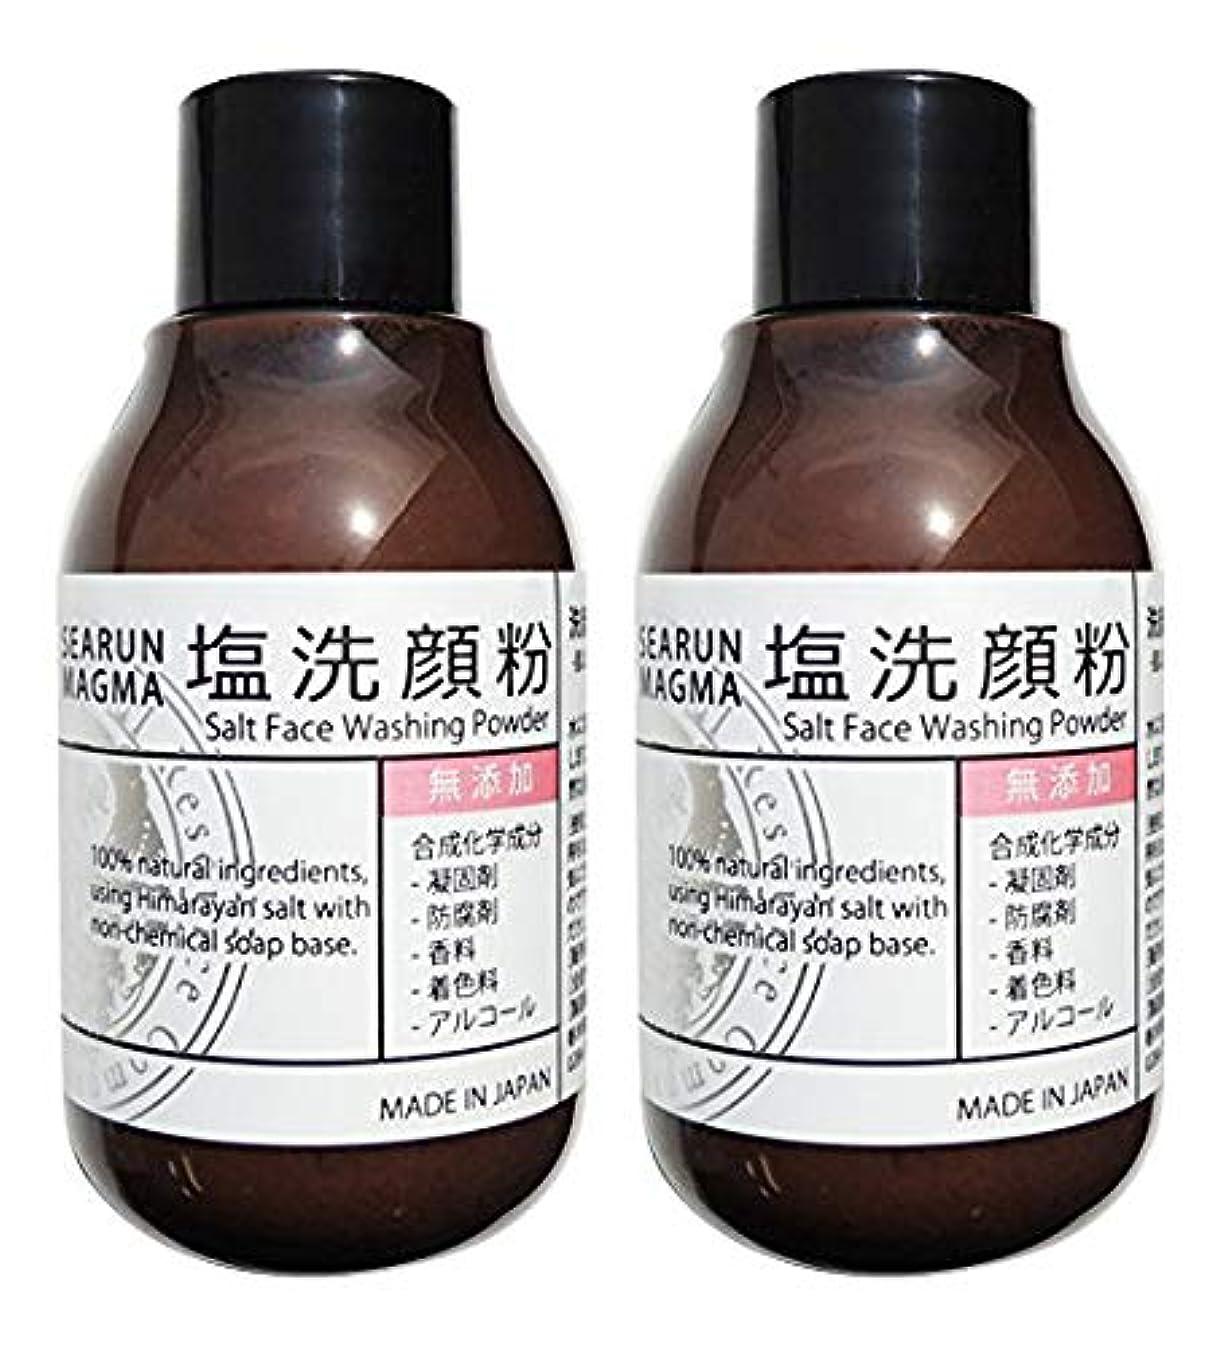 夜摘むイデオロギーシーラン マグマ洗顔粉 40g (2本)